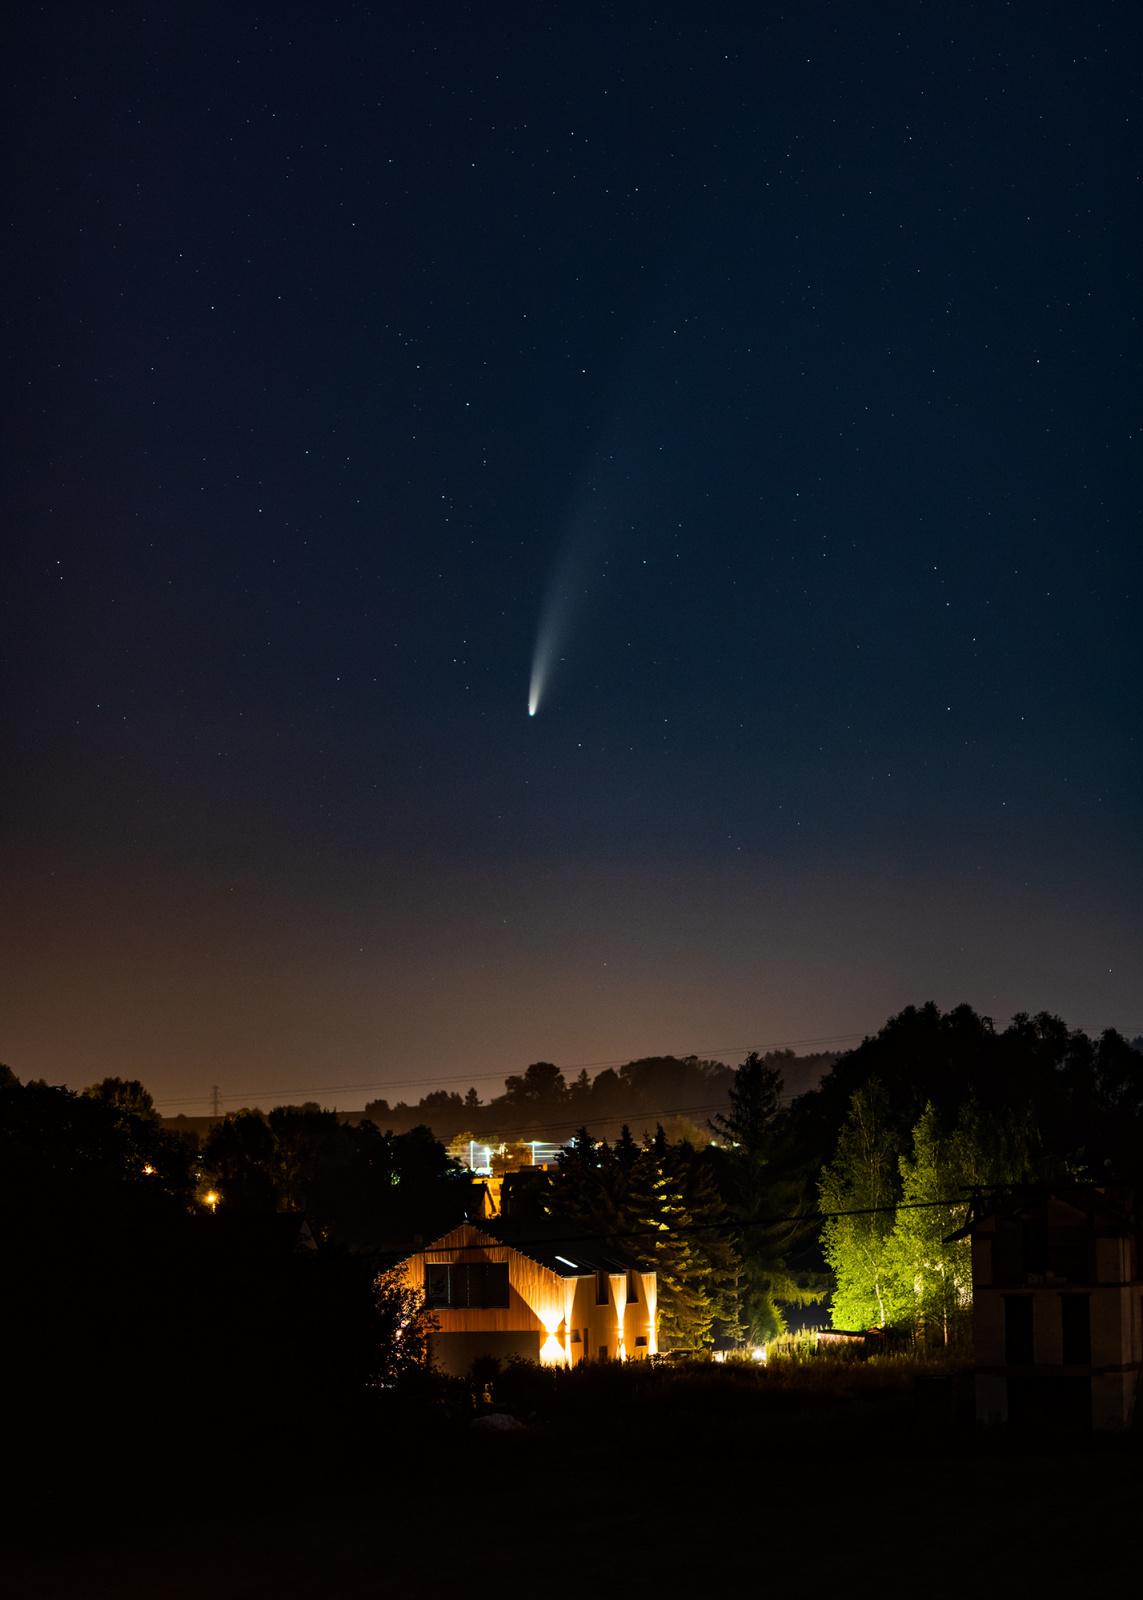 NEOWISE-D850-S105-F1.4-2s-ISO800.thumb.jpg.87ca23338db9e2c4edaf33b33b9063b6.jpg